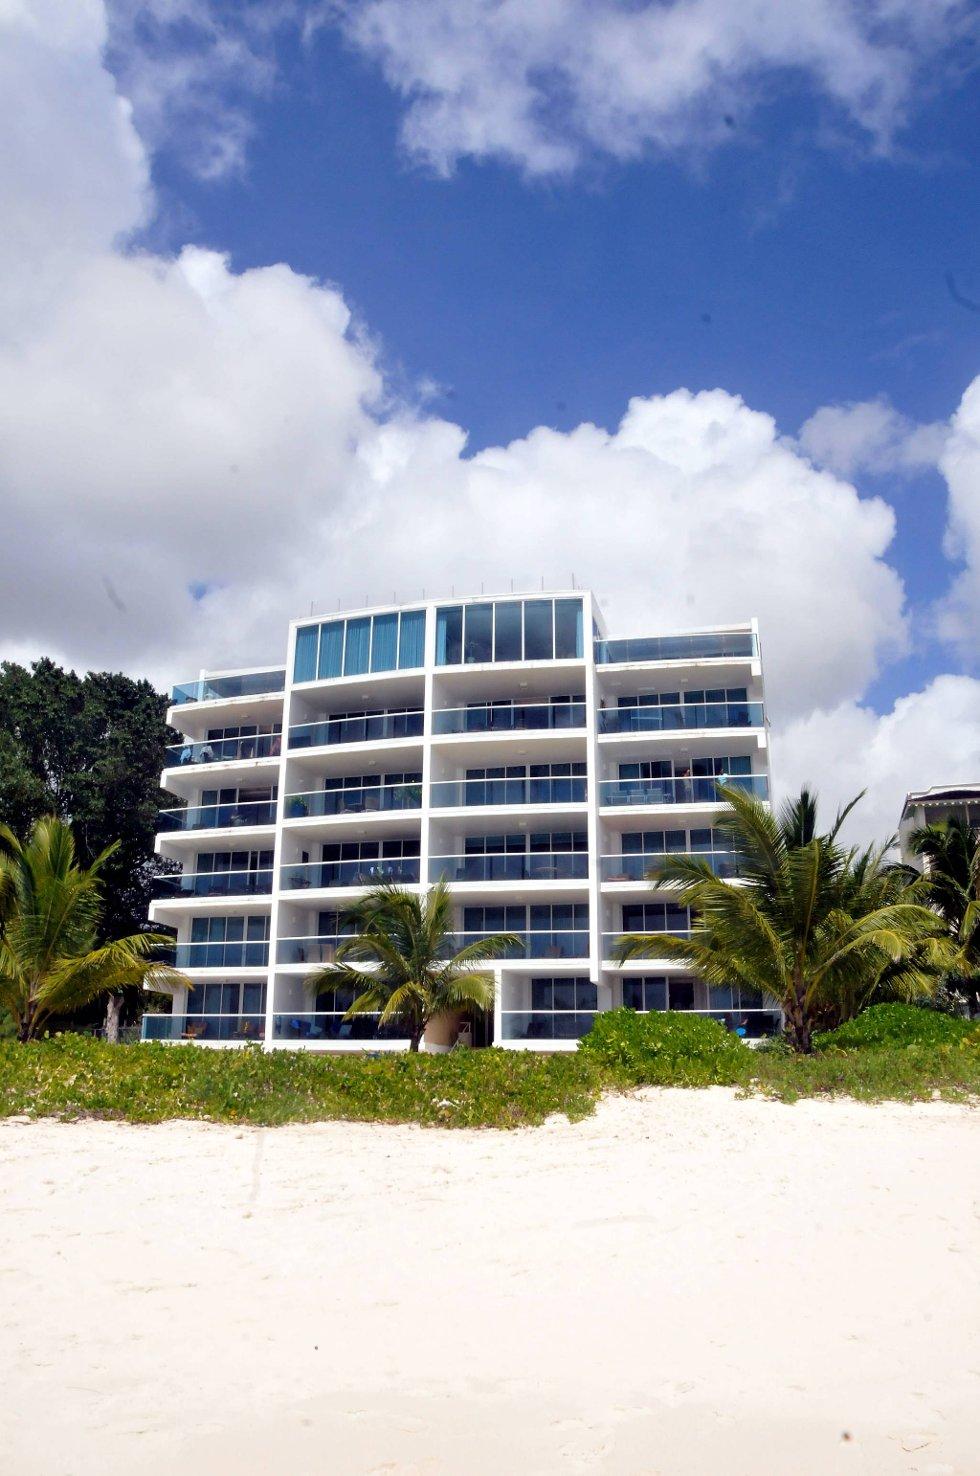 Levestandarden i landet er blant de høyeste i verden og ligger på 0,879 på Human Development Index-skalaen. Dette er det tredje beste i Nord-Amerika. Langs stranden ligger det en rekke flotte hotell og leilighetskomplekser.  (Foto: Terje Alstad, ANB)